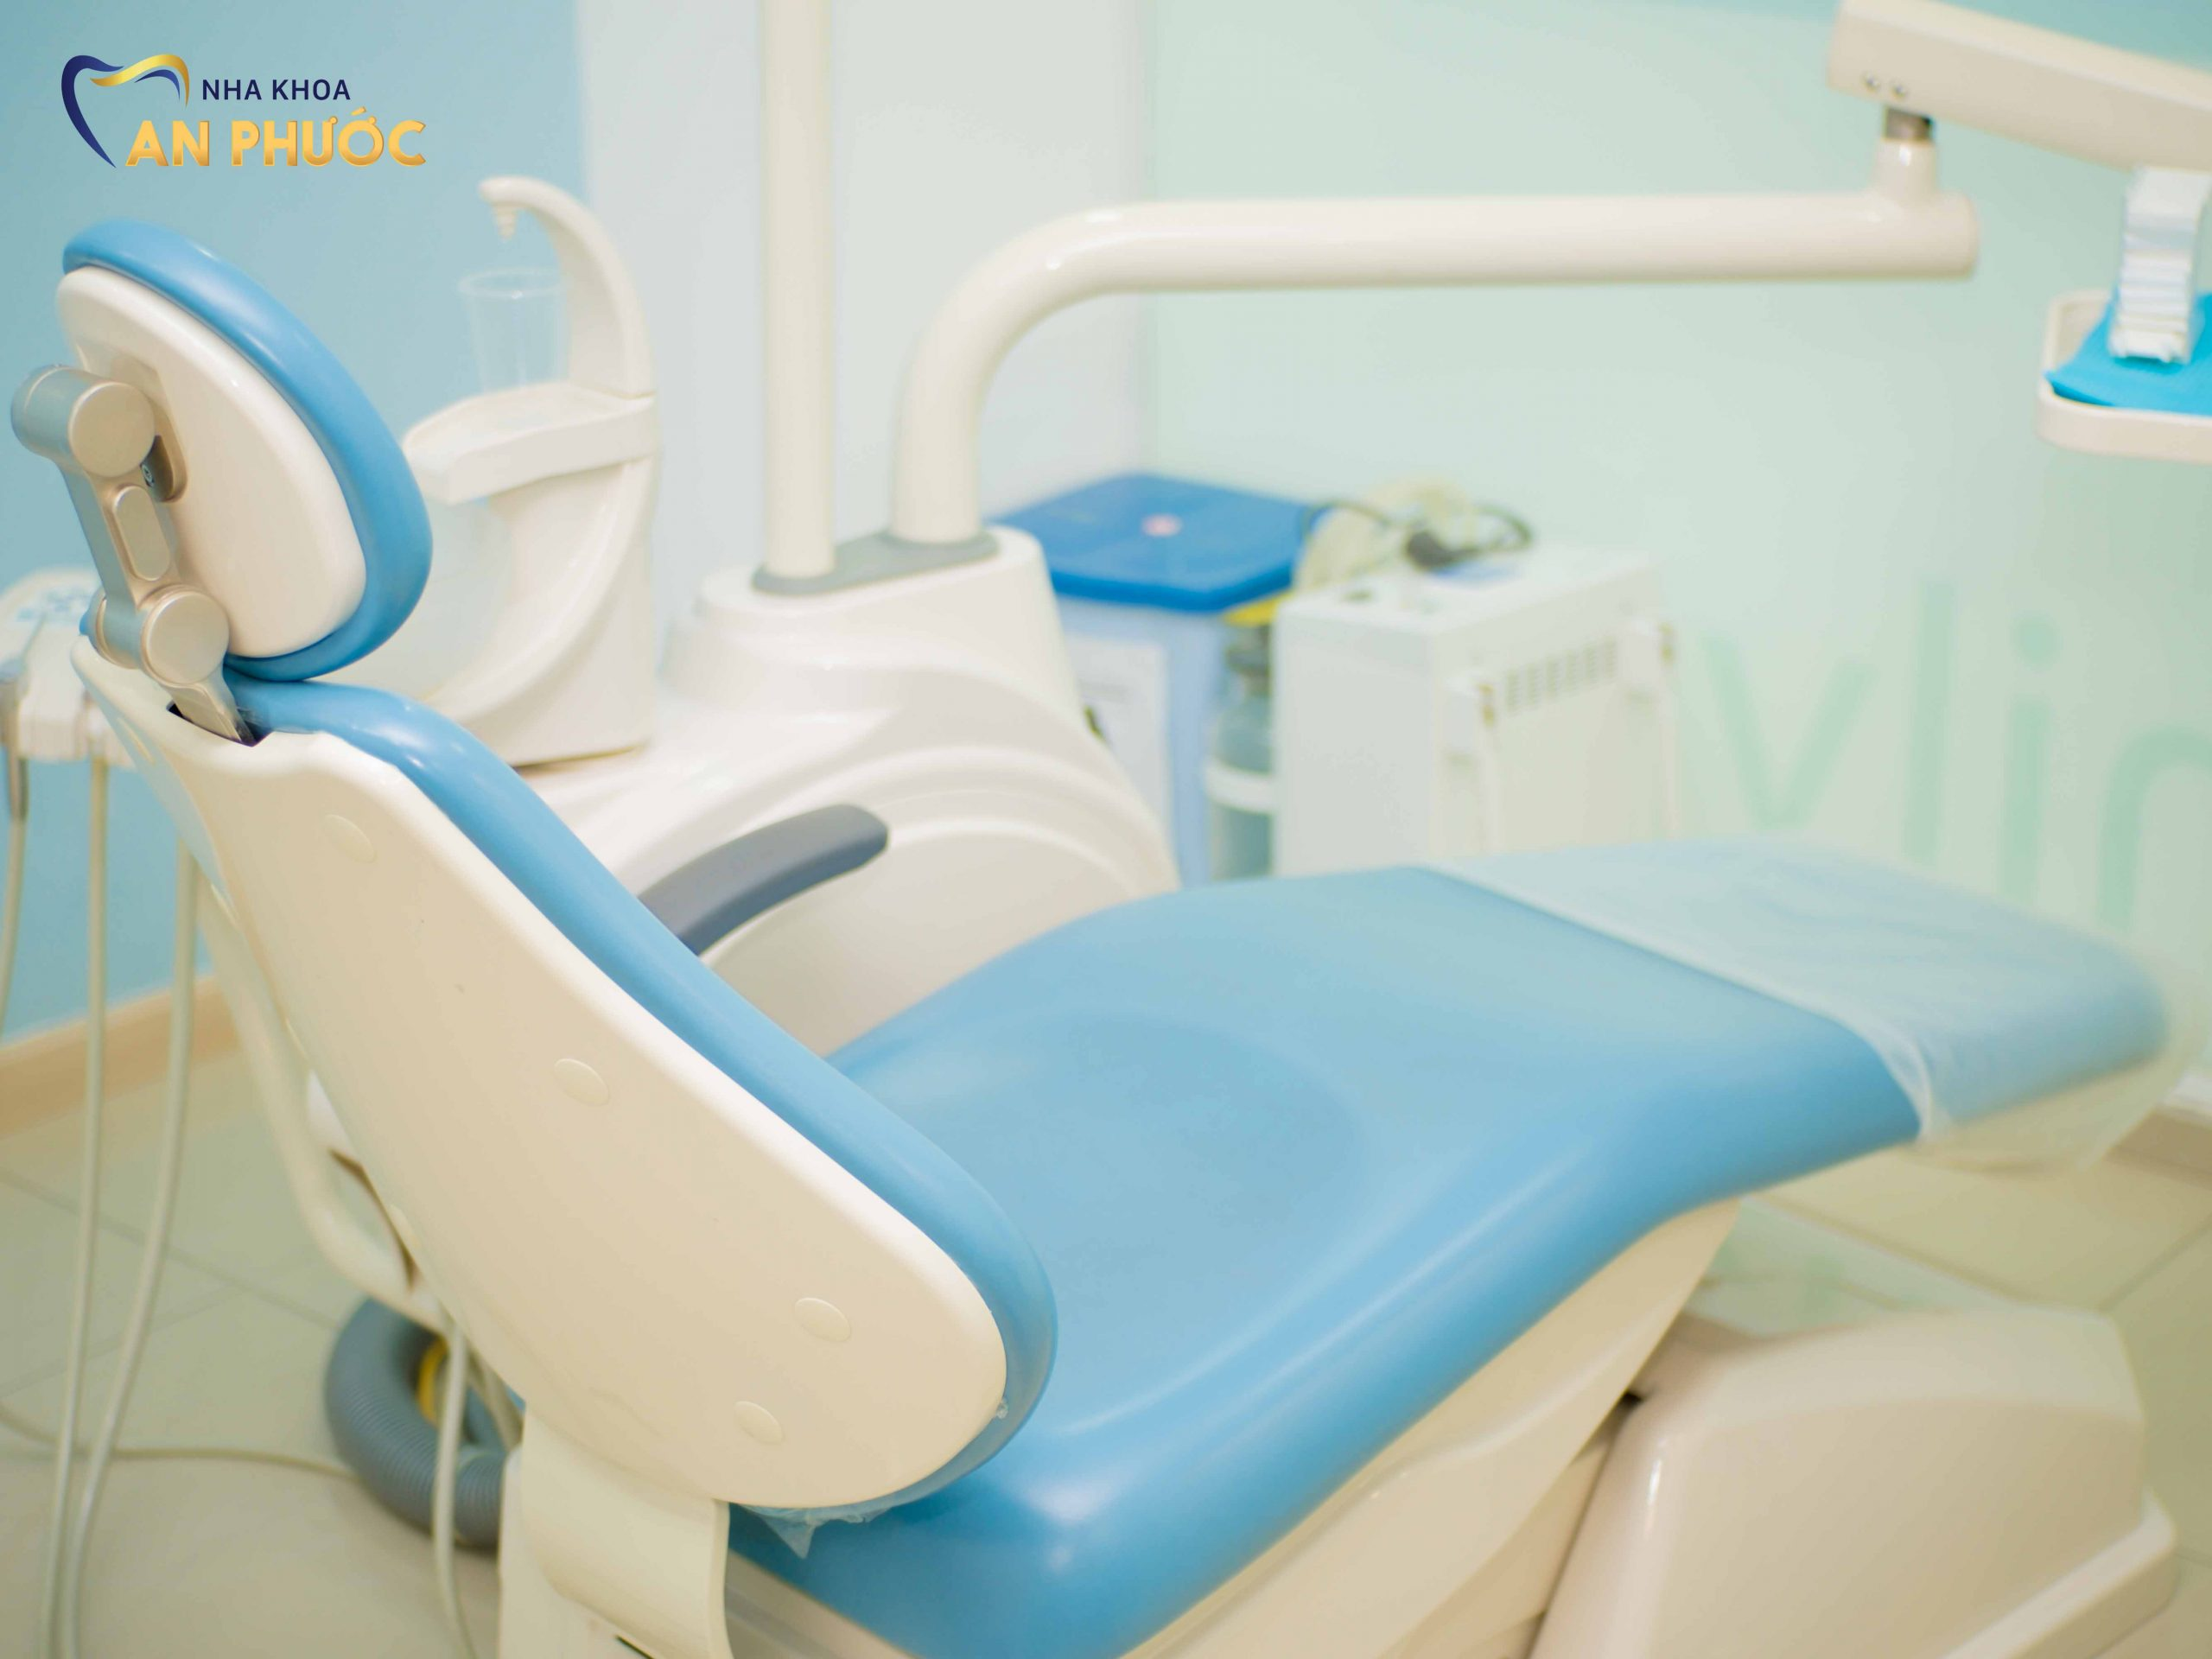 Hệ thống phòng điều trị chuyên biệt tại nha khoa An Phước.